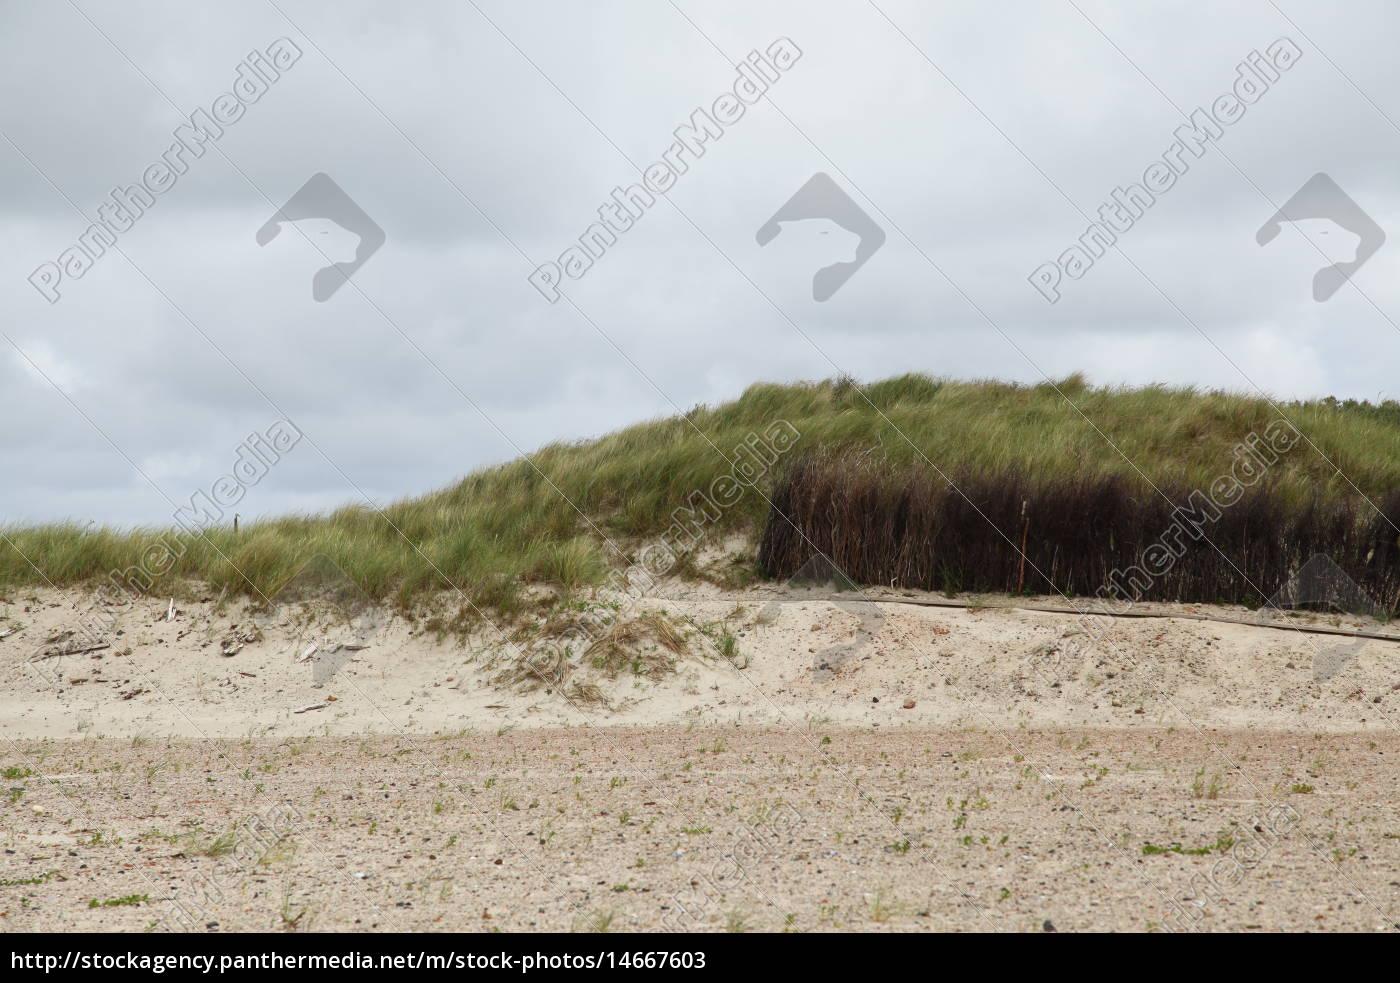 environment, enviroment, holiday, vacation, holidays, vacations - 14667603